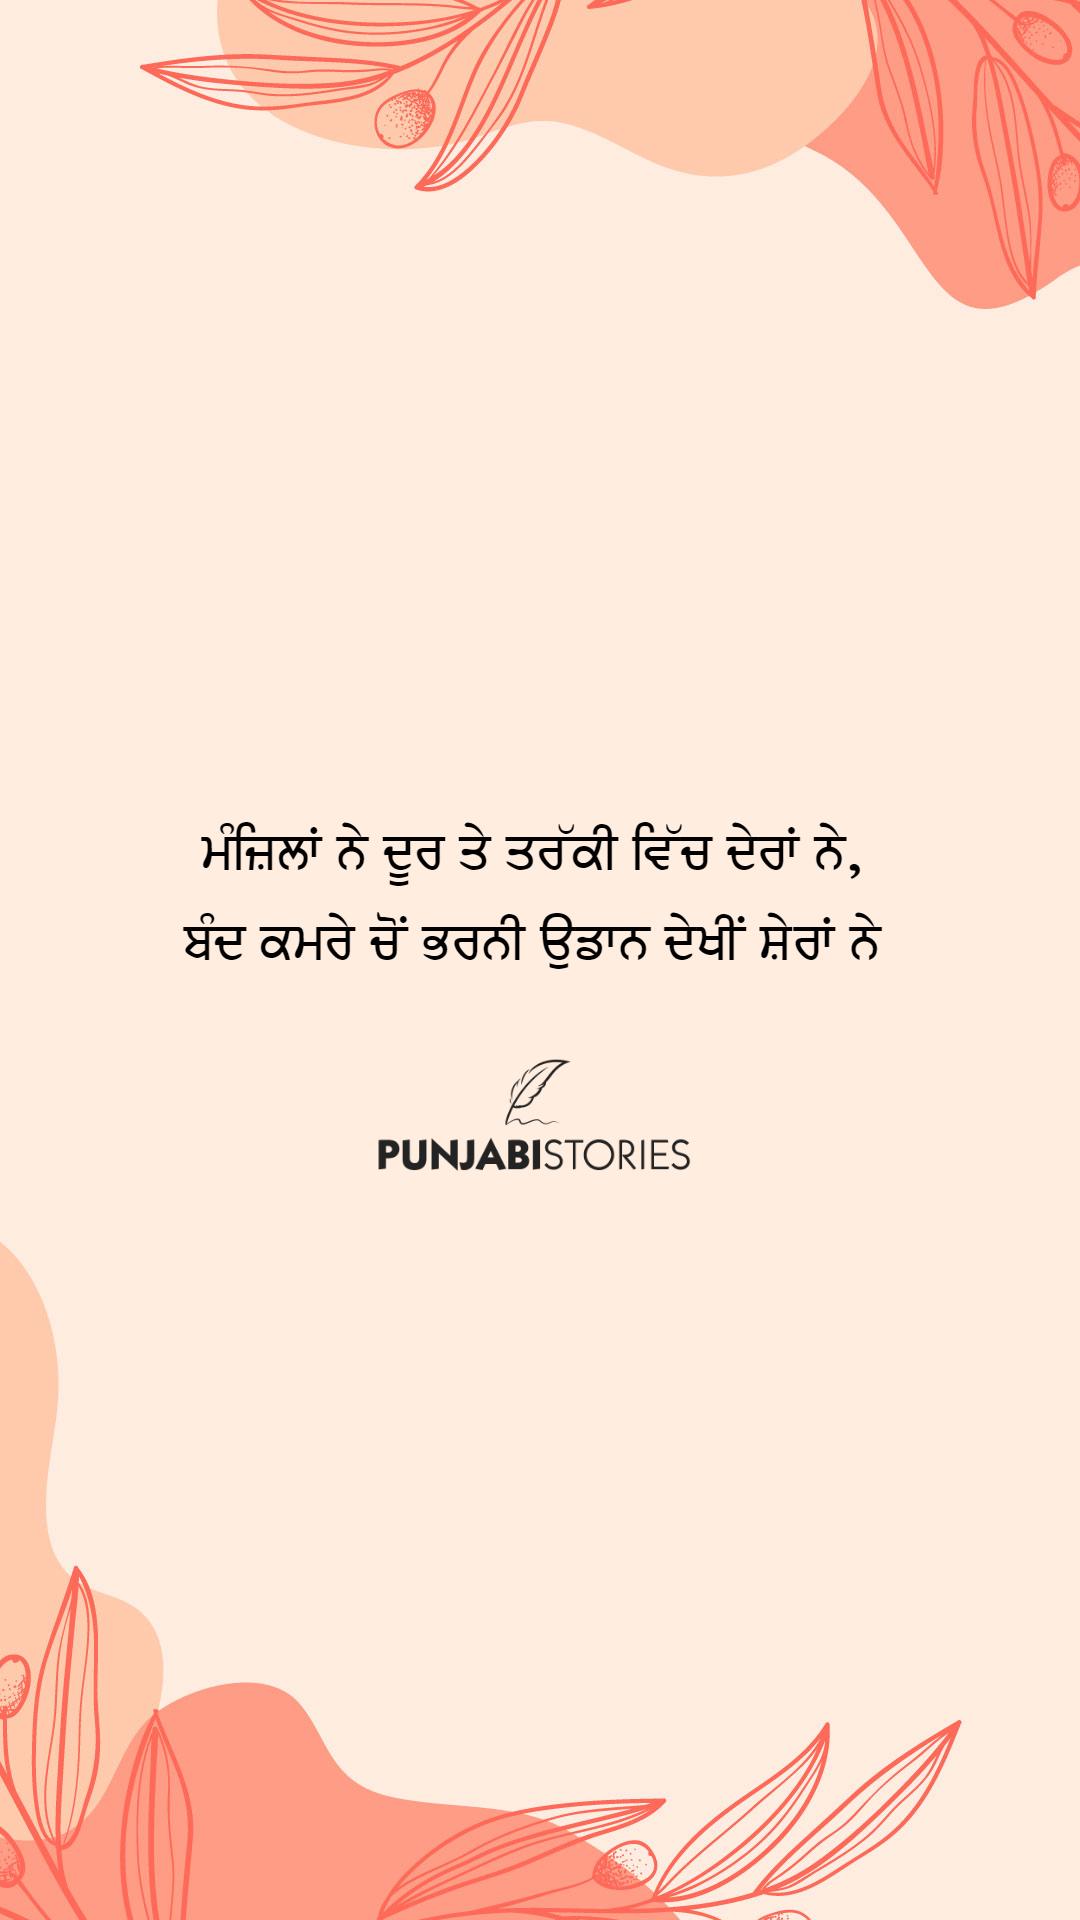 , motivational quotes in punjabi